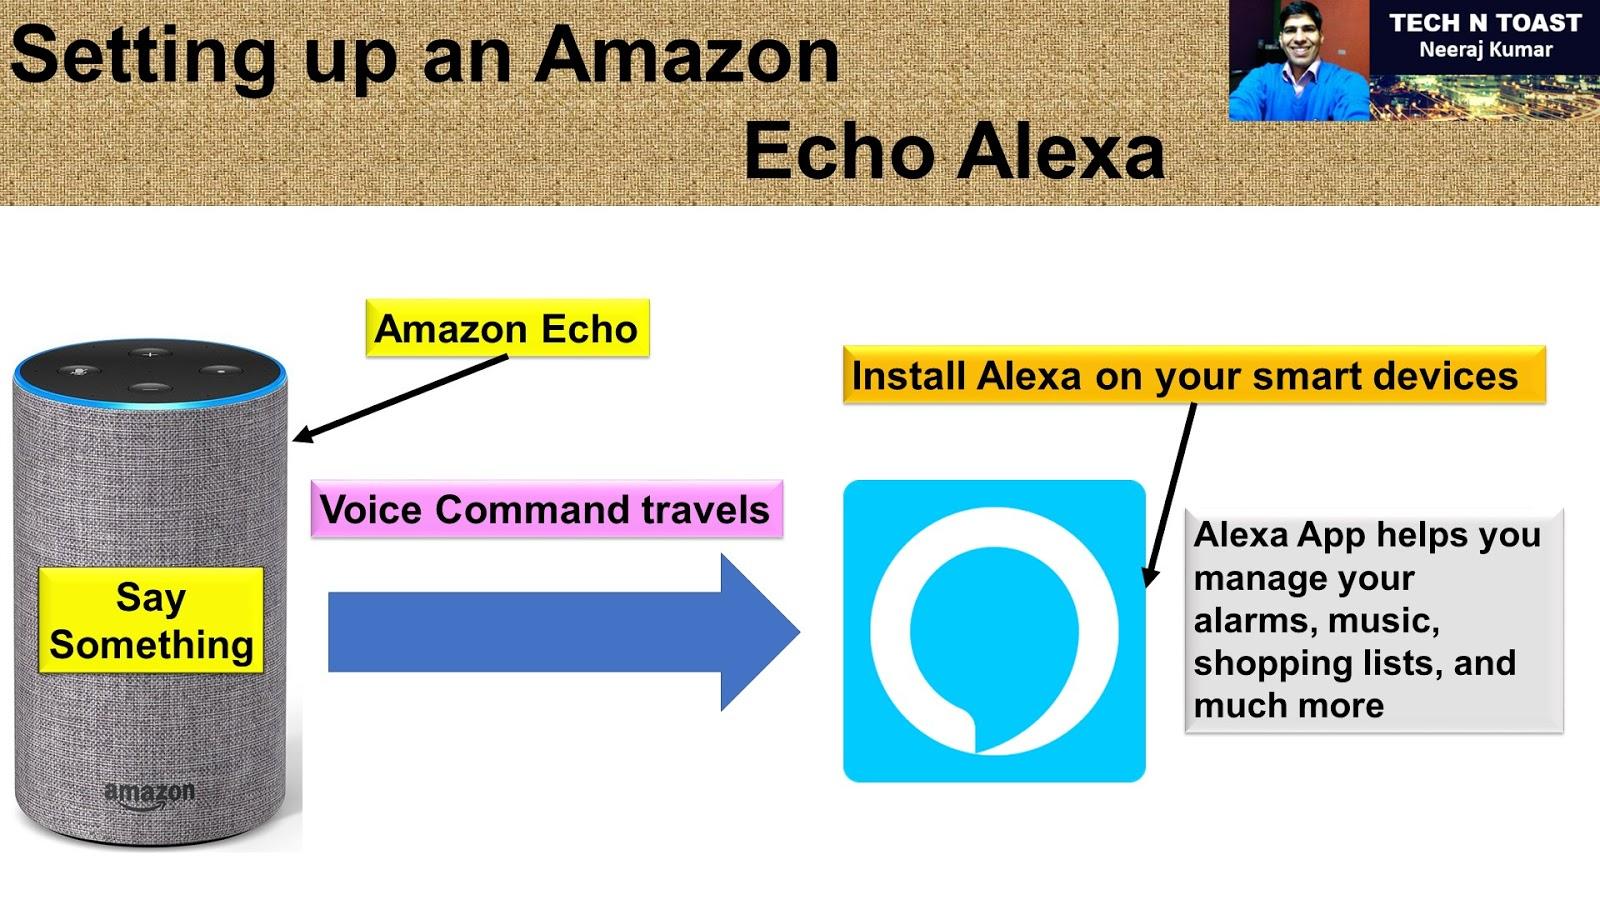 Amazon Echo, Alexa